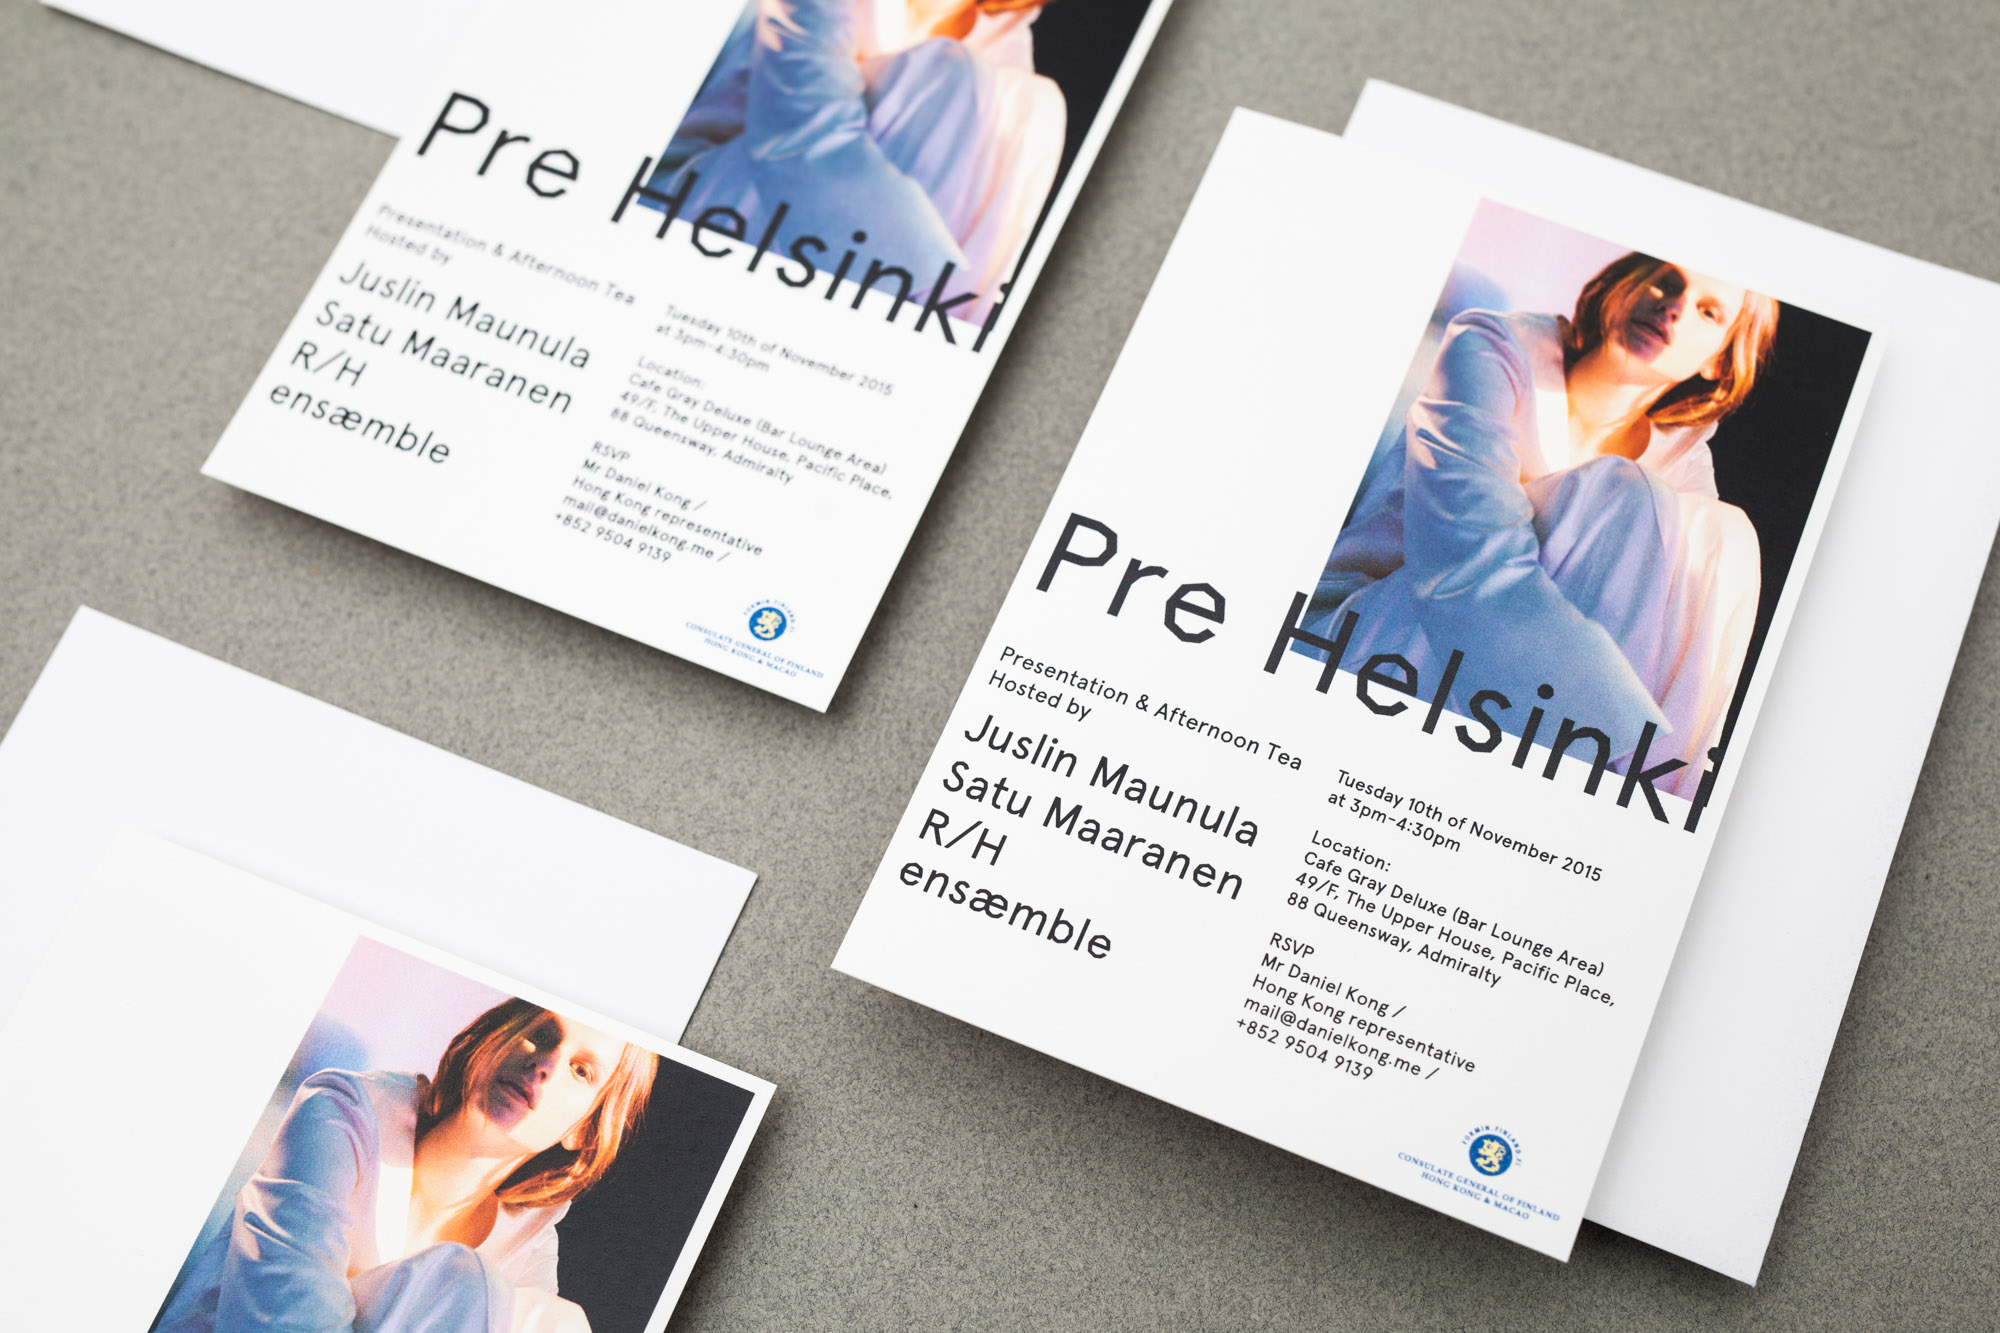 Pre Helsinki 3